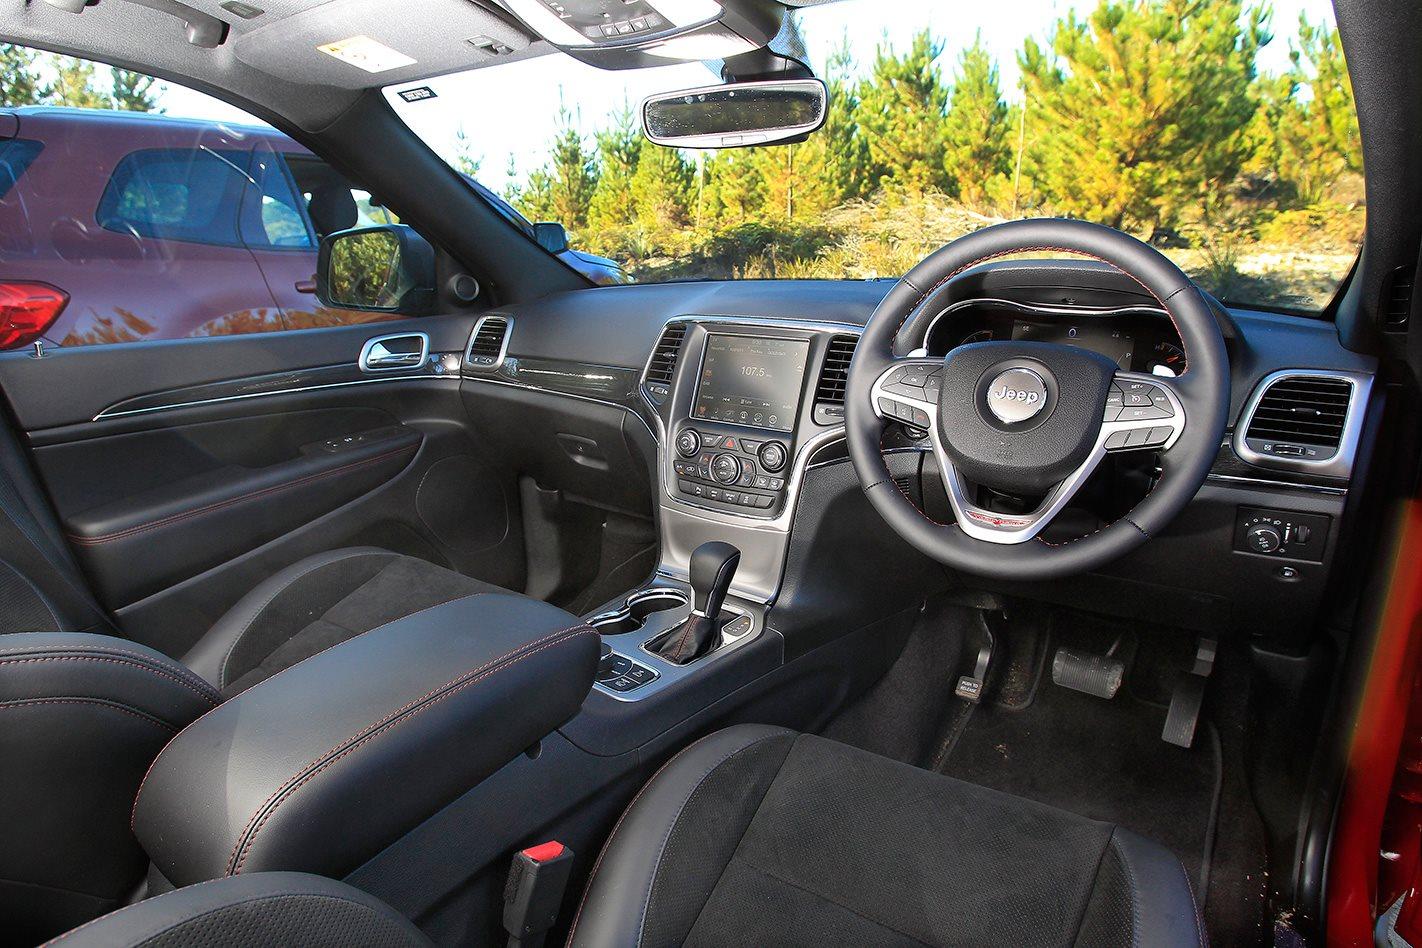 2017 Jeep Grand Cherokee Trailhawk steering wheel.jpg